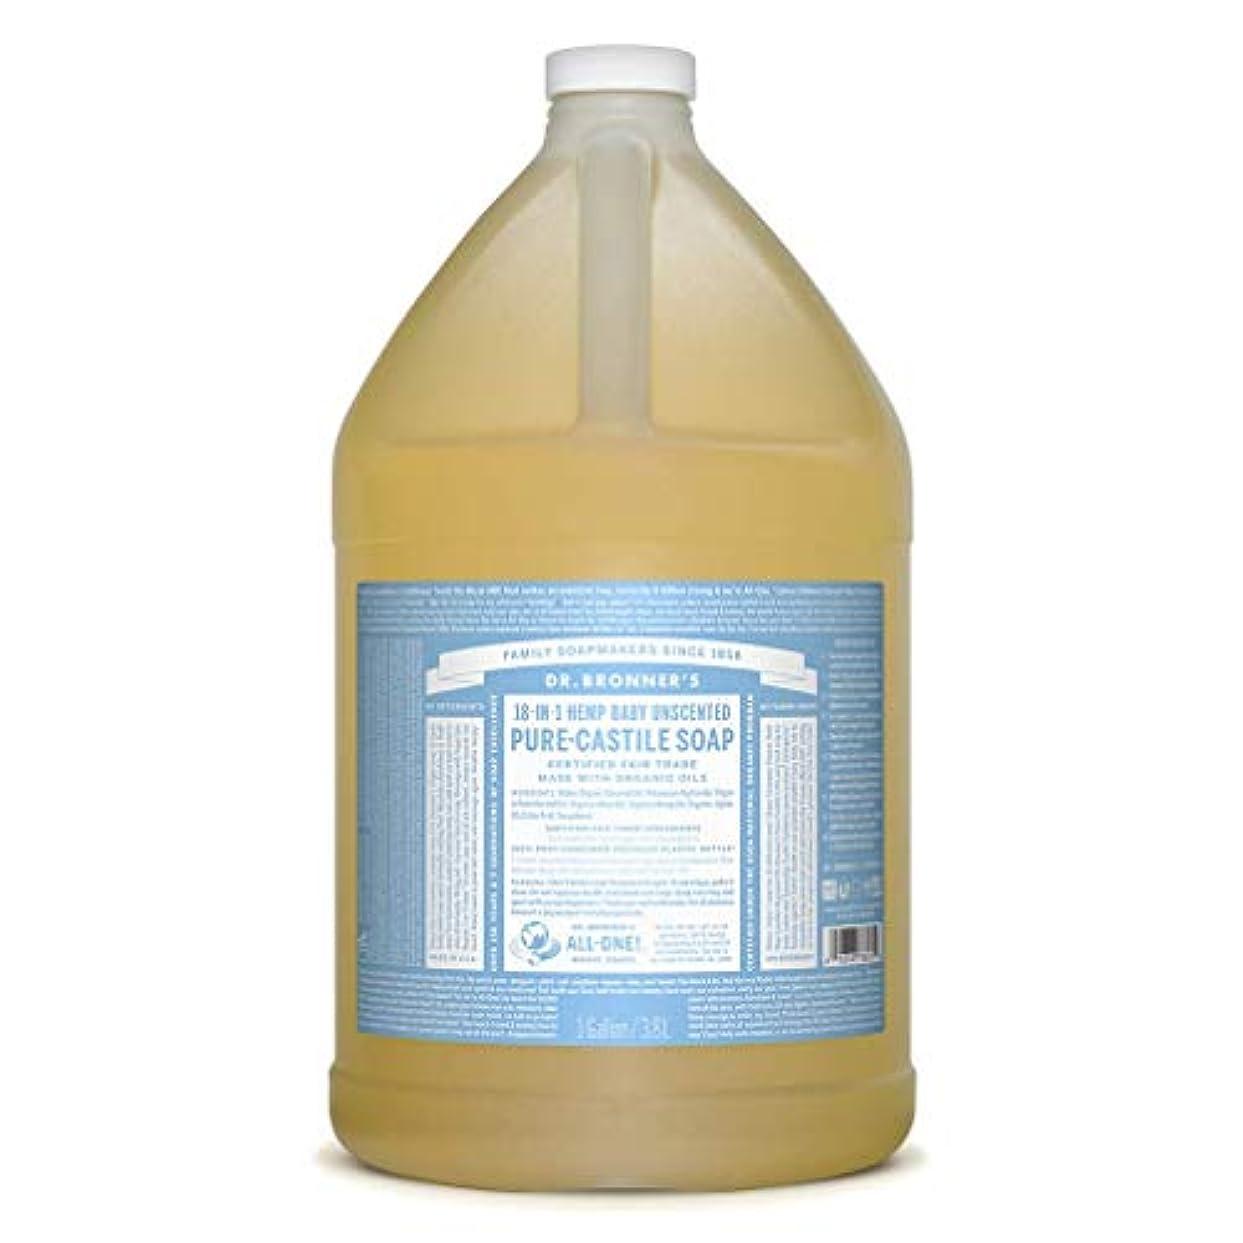 チャーター入手します学部ドクターブロナー マジックソープ液体 ベビーマイルド 3785ml